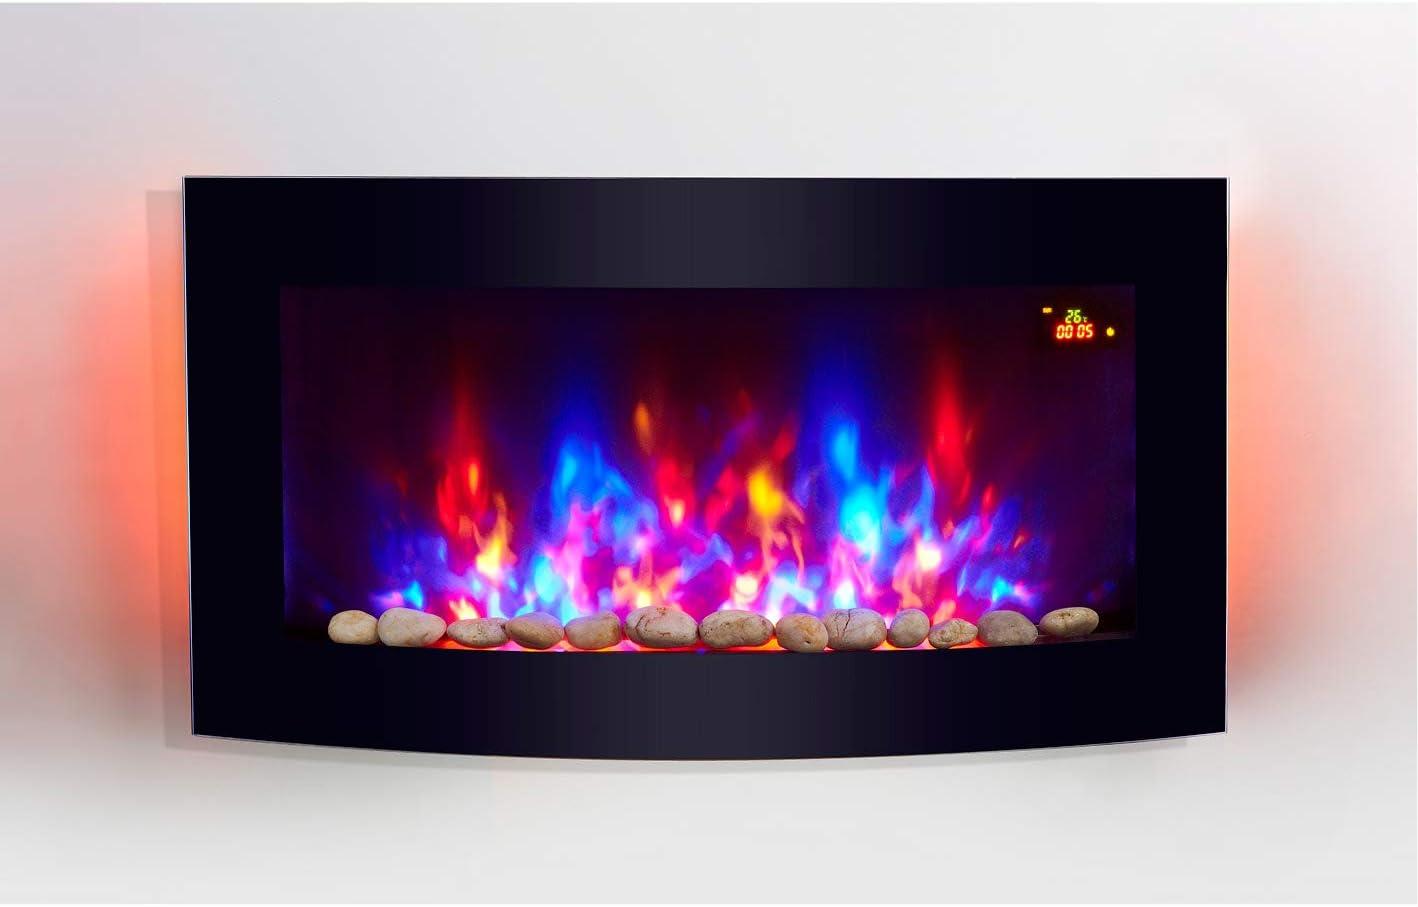 Tooltime - Estufa de pantalla para pared con efecto chimenea (cristal, 2 kW, 7 luces de fondo LED), diseño curvado, color negro: Amazon.es: Juguetes y juegos